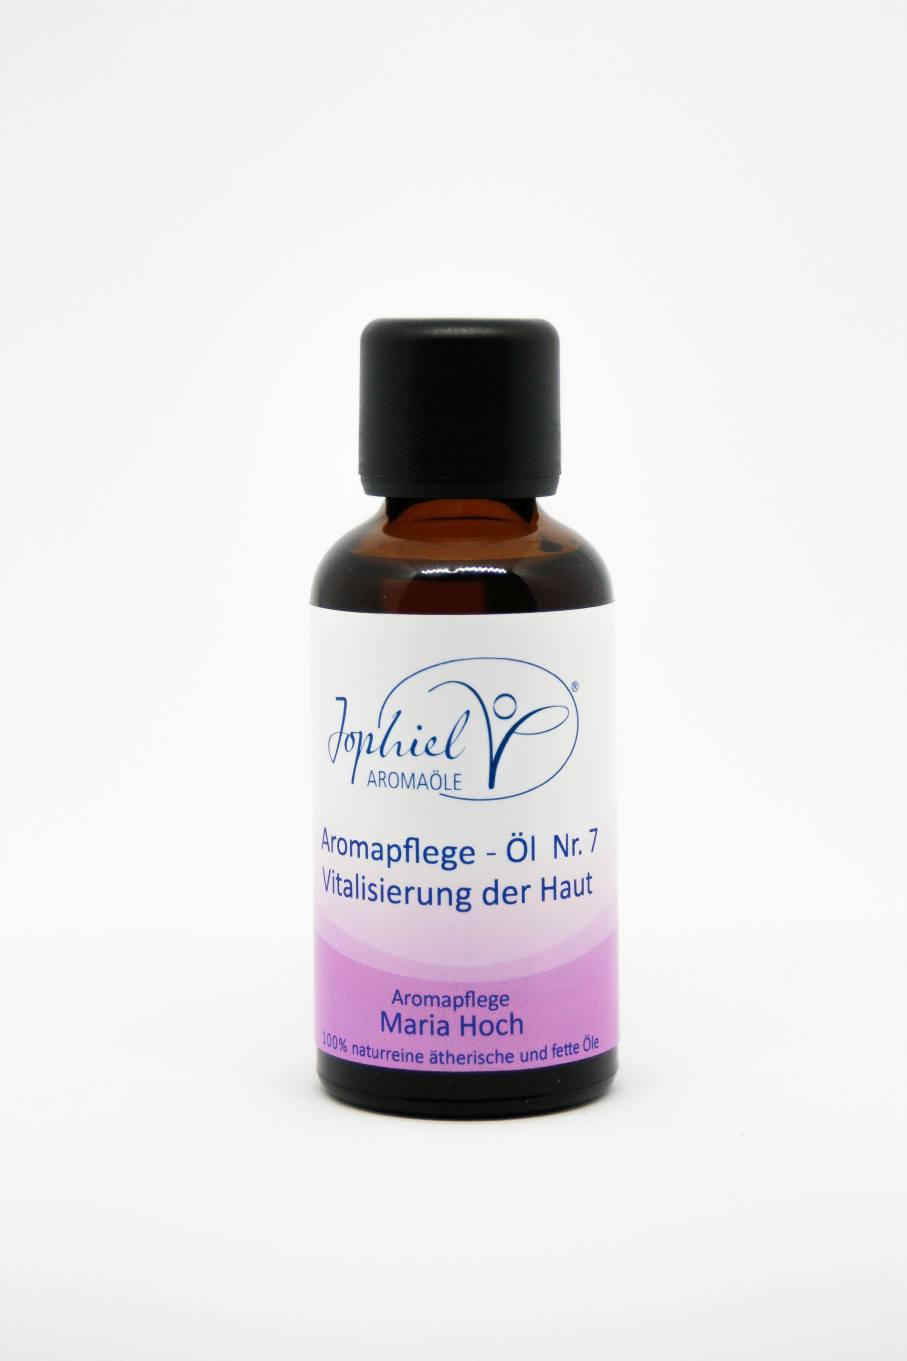 Aromapflege-Öl Nr. 07 Vitalisierung der Haut 50 ml